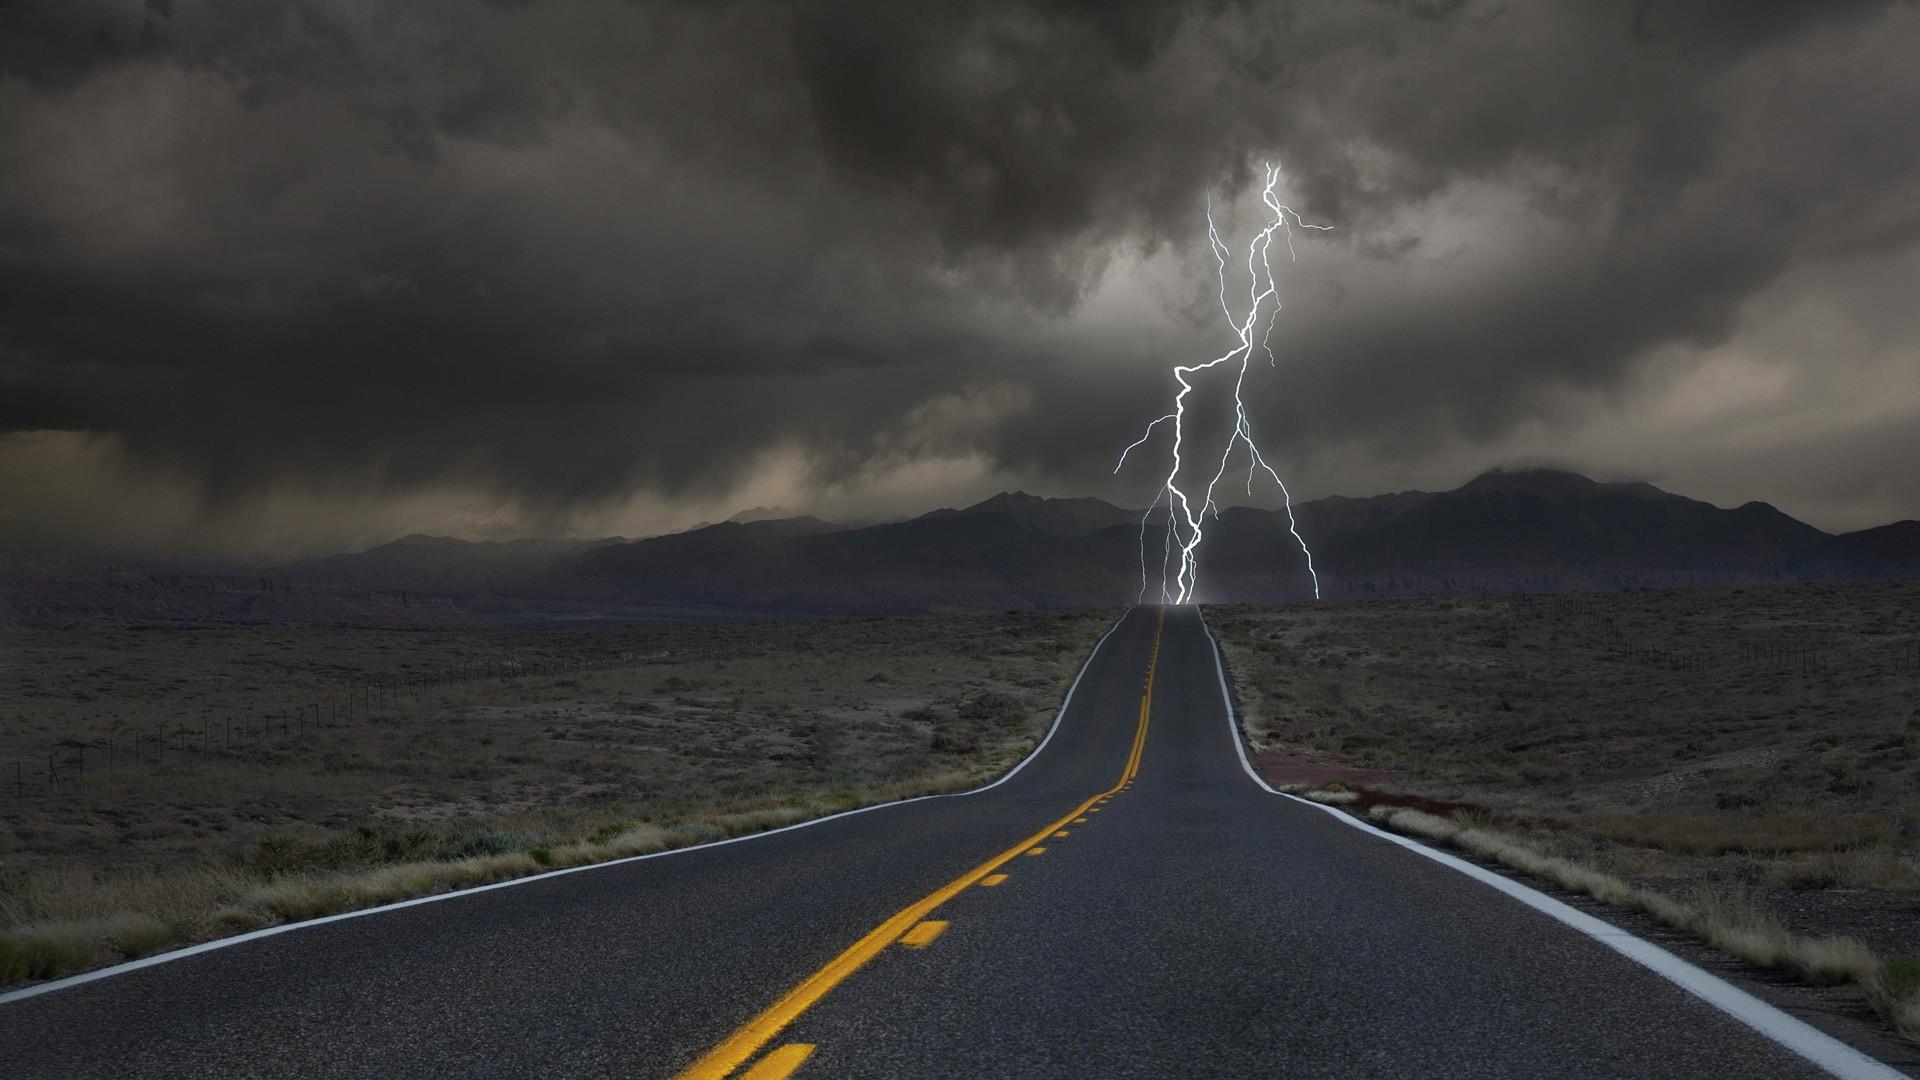 TechTip: Storm Seasons & Power Problems Collide | Minuteman's